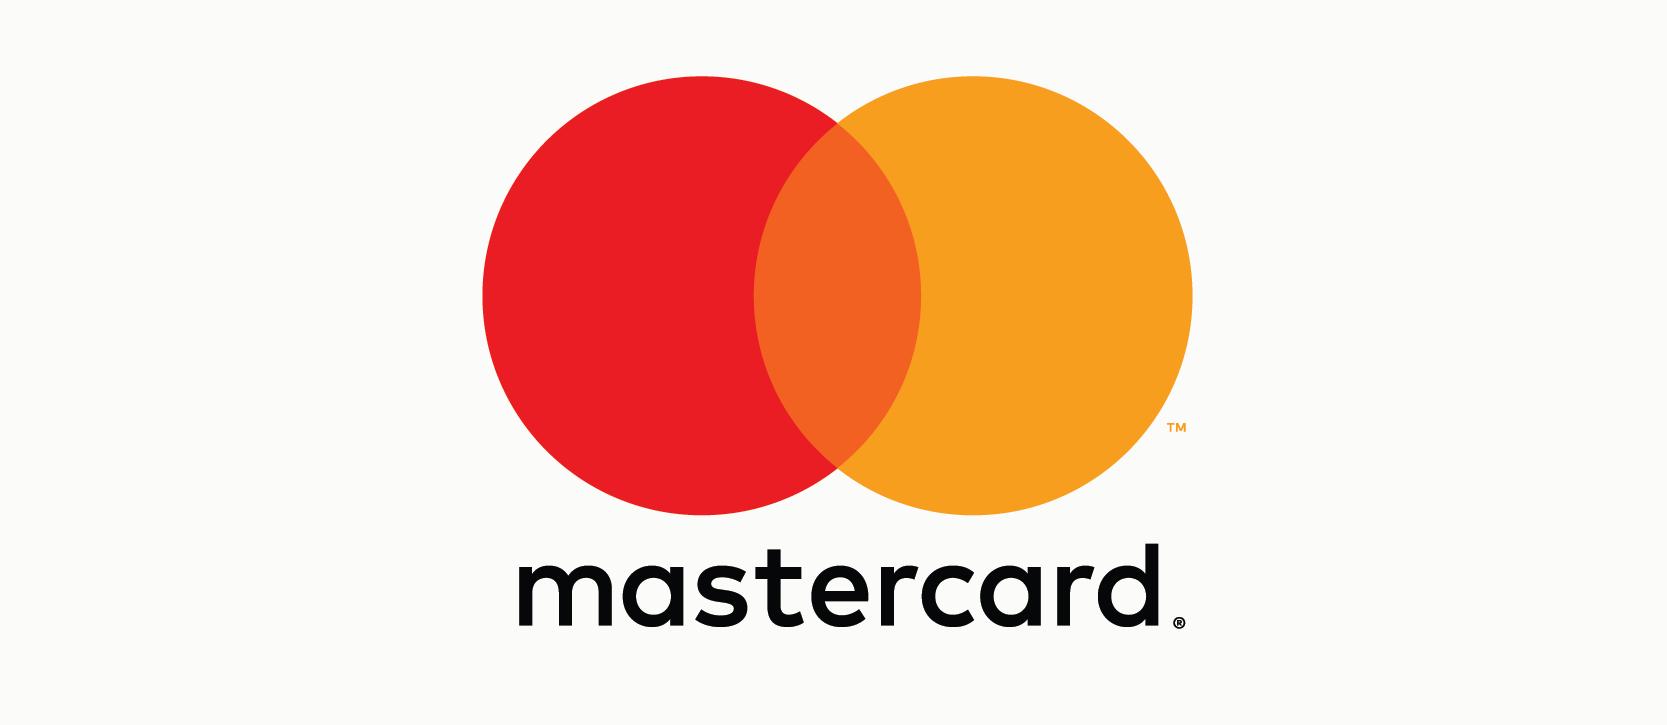 Red Color Logo Logodix